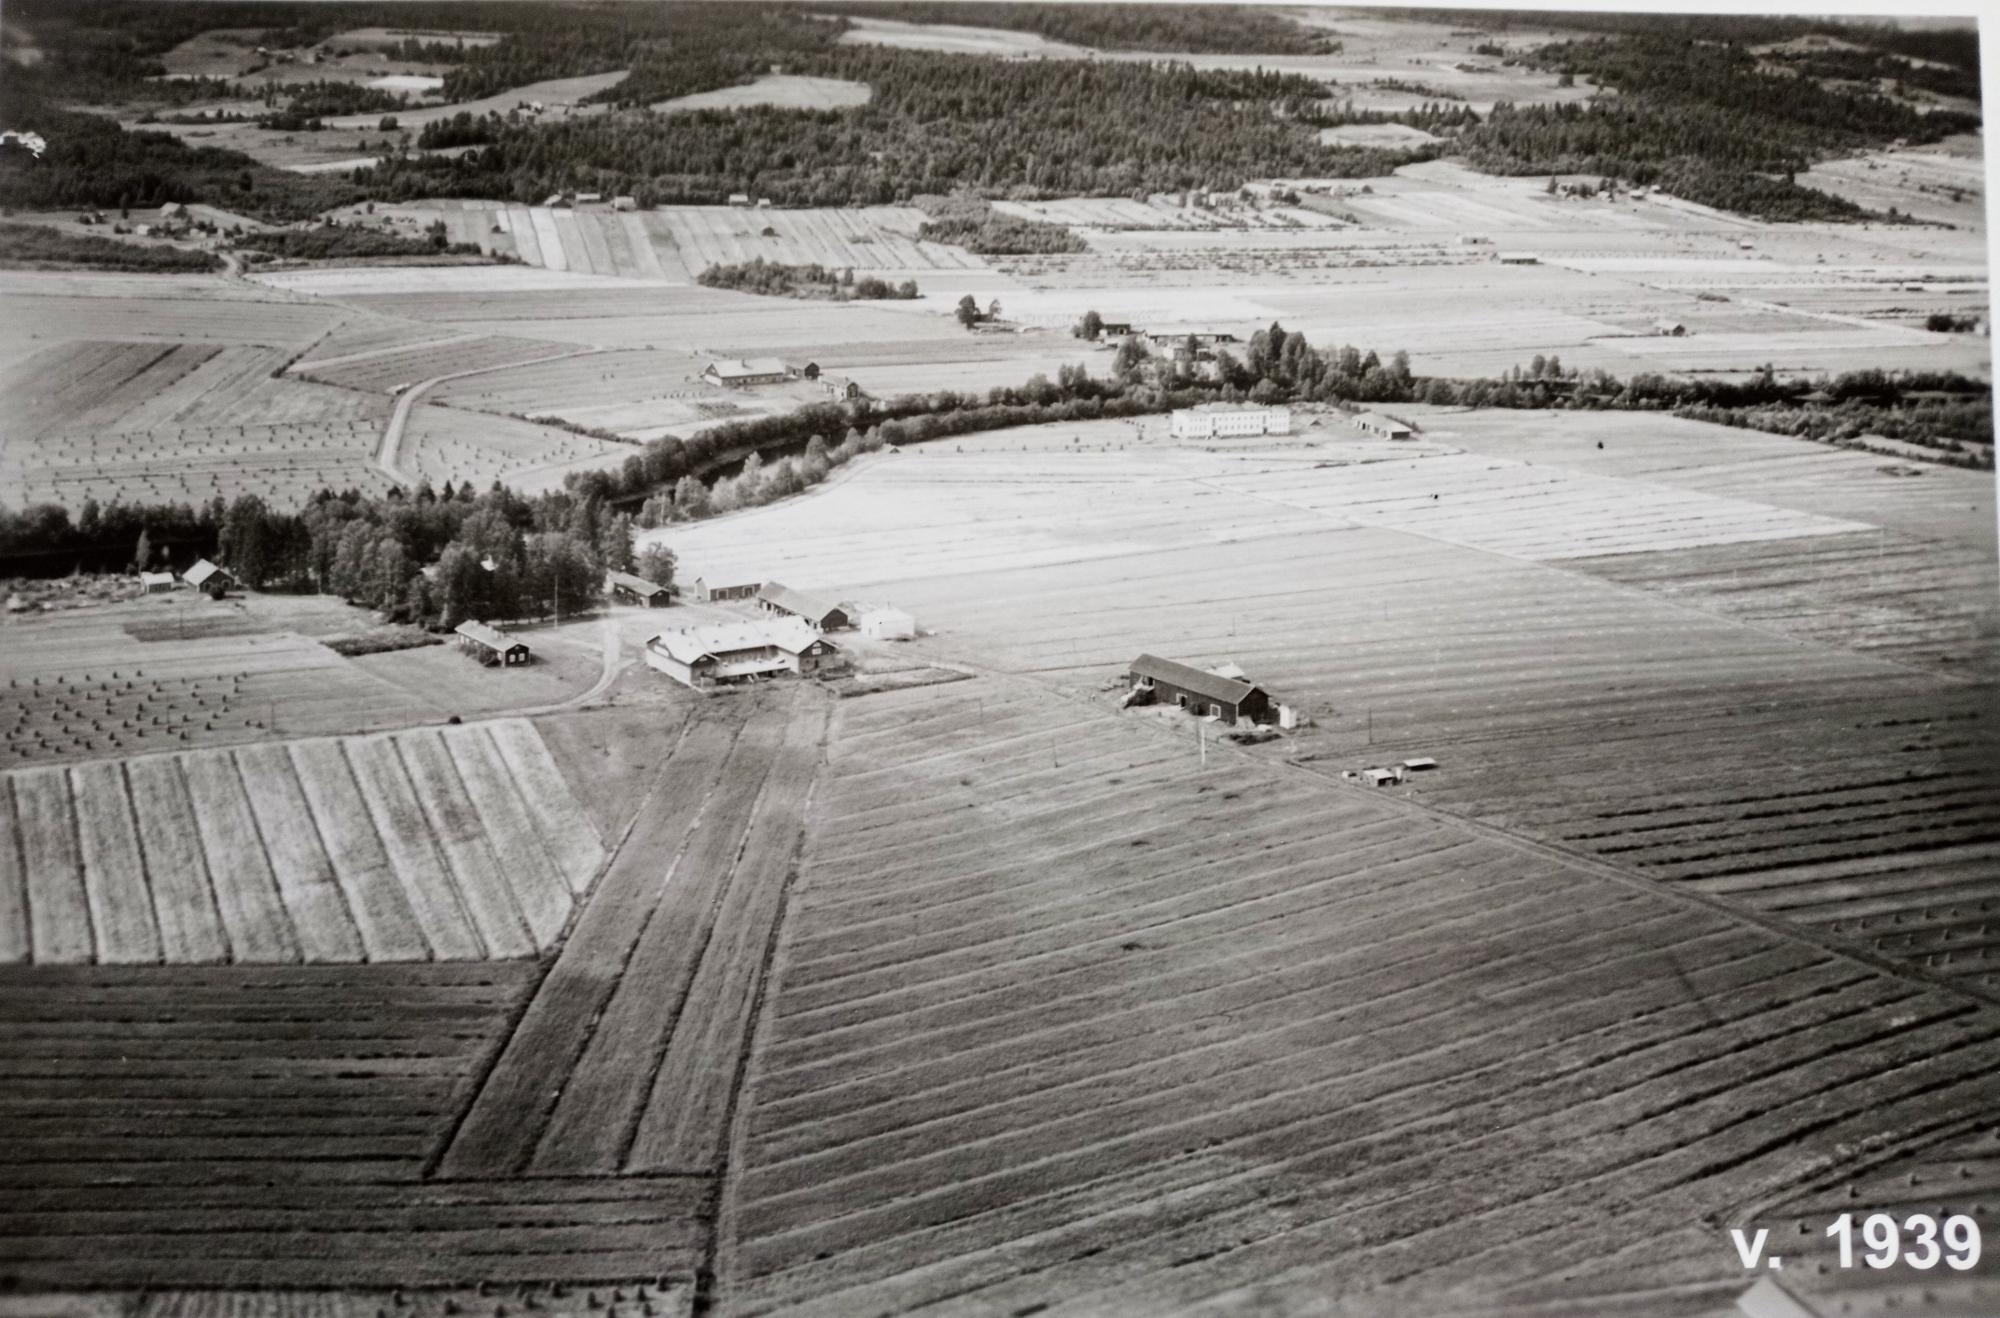 Ilmakuva Värtsilästä 1939. Kuva Värtsiläisten seura ry